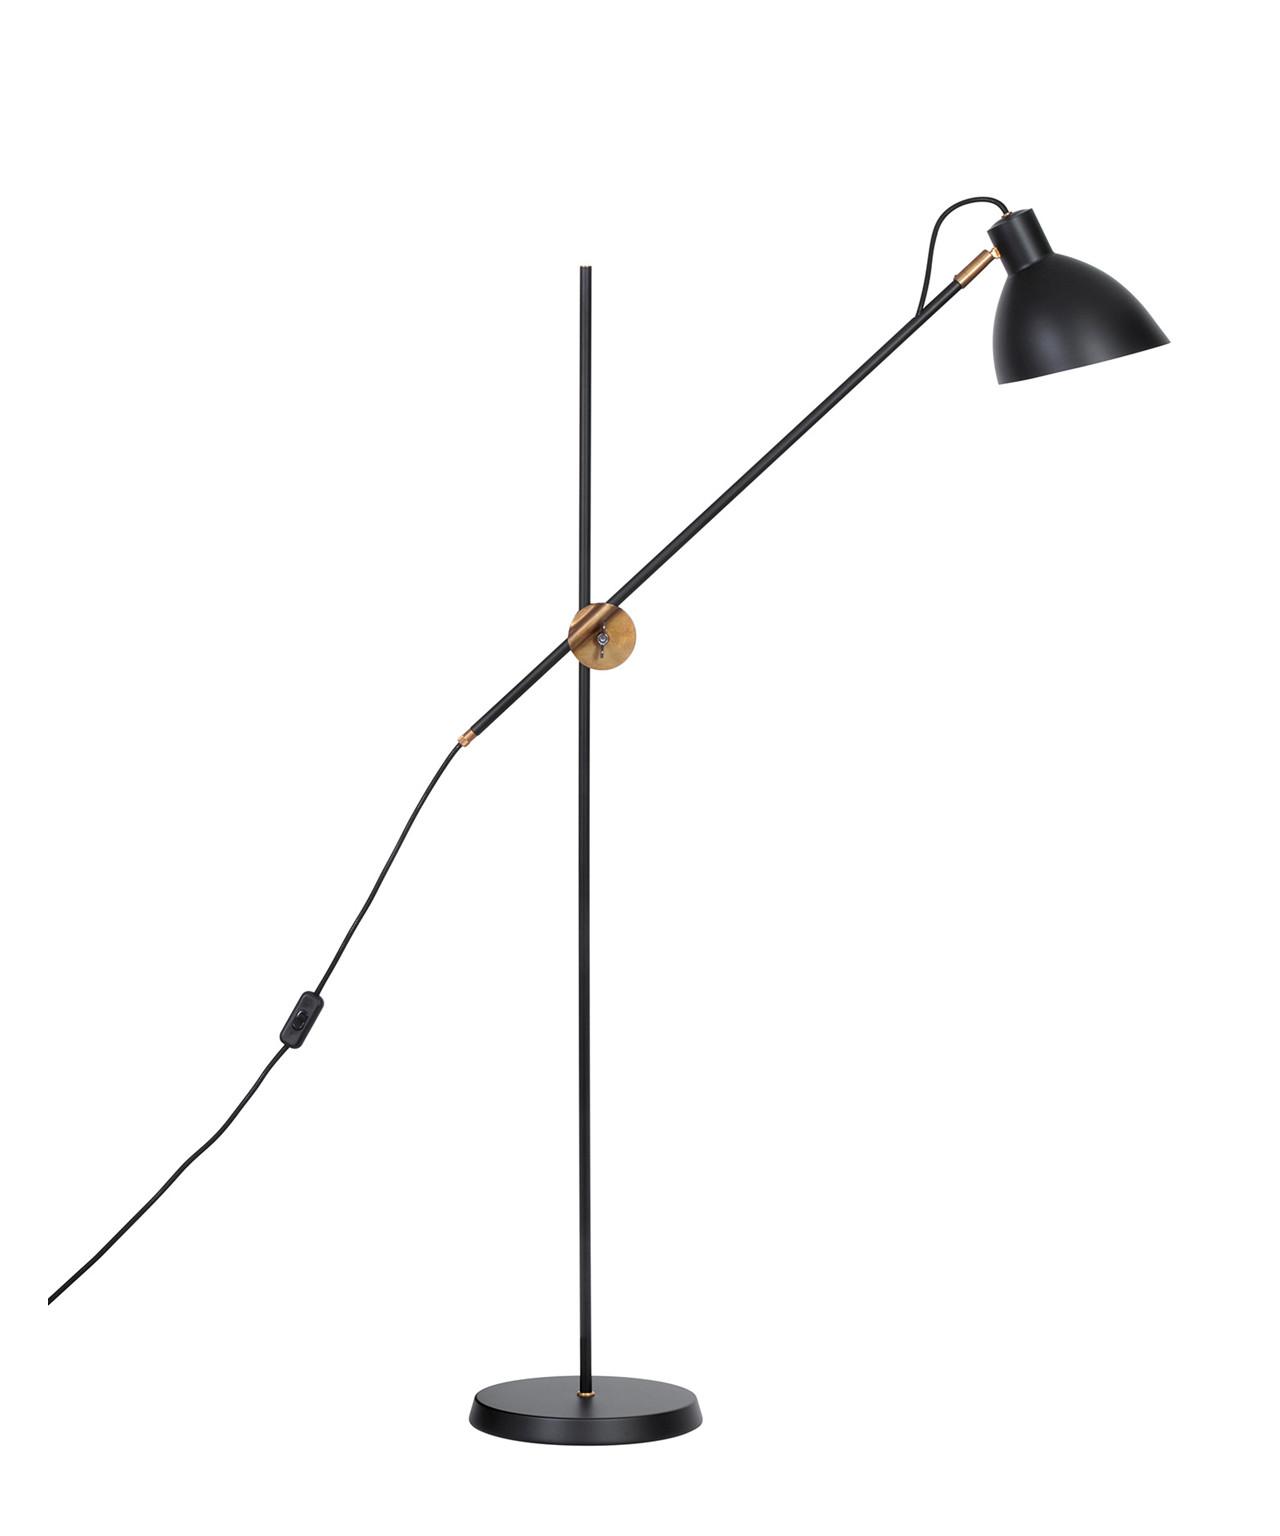 Image of   KH#1 Sort Så Messing Gulvlampe - KonstHantverk